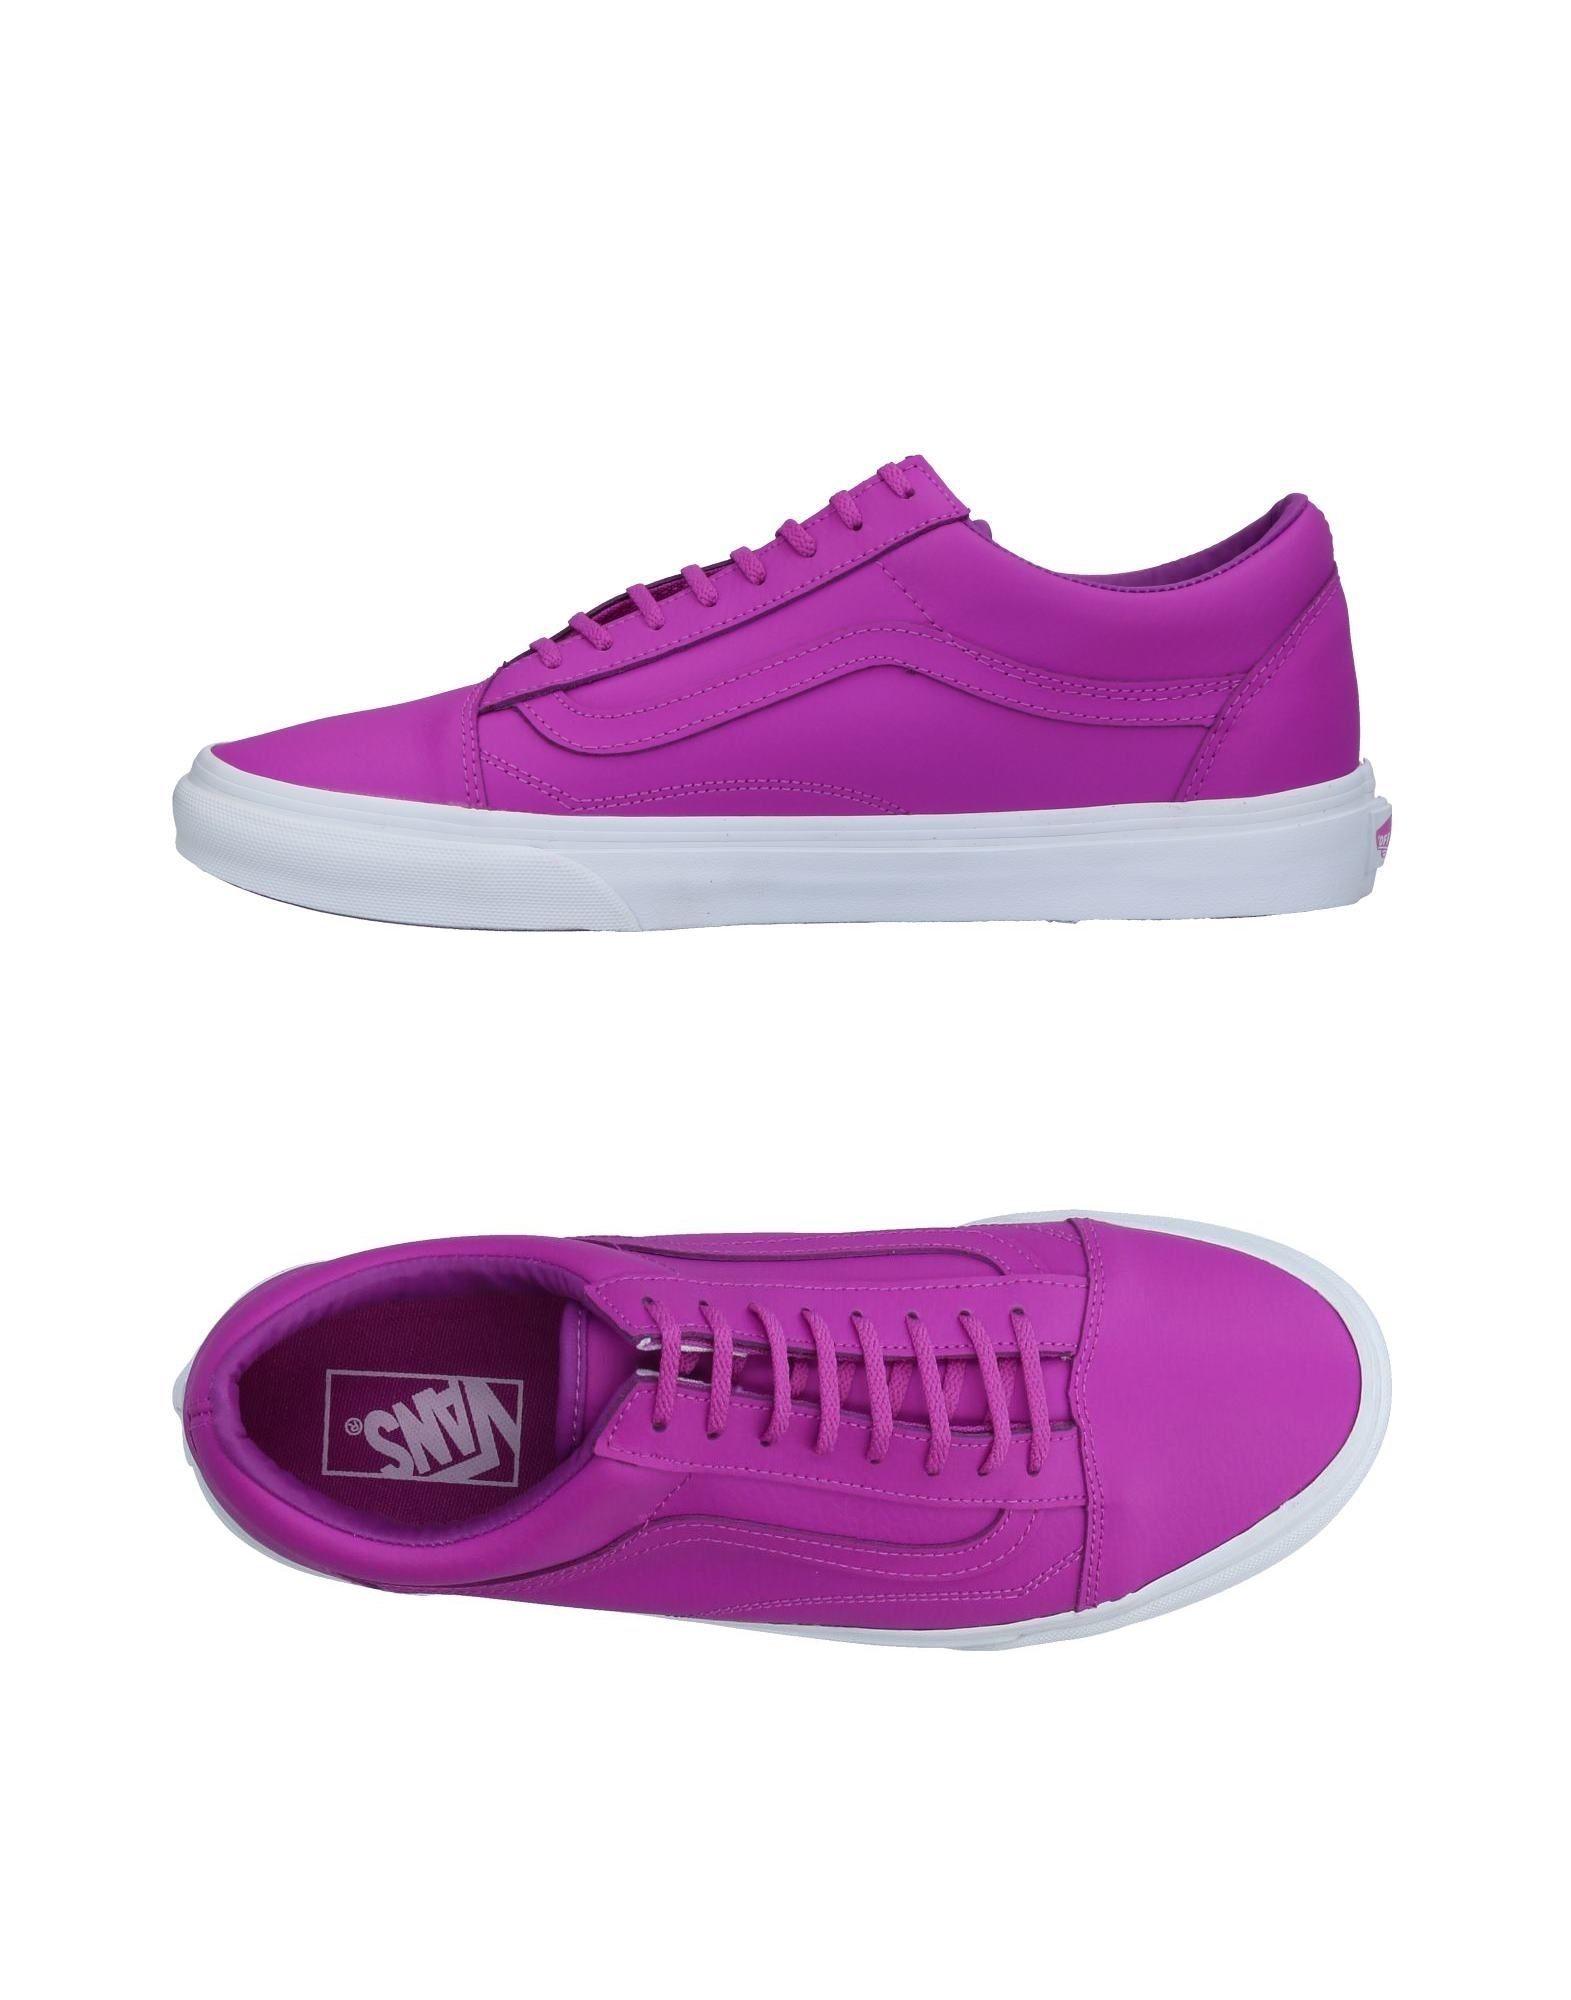 Rabatt echte  Schuhe Vans Sneakers Herren  echte 11384243NI 9067a7